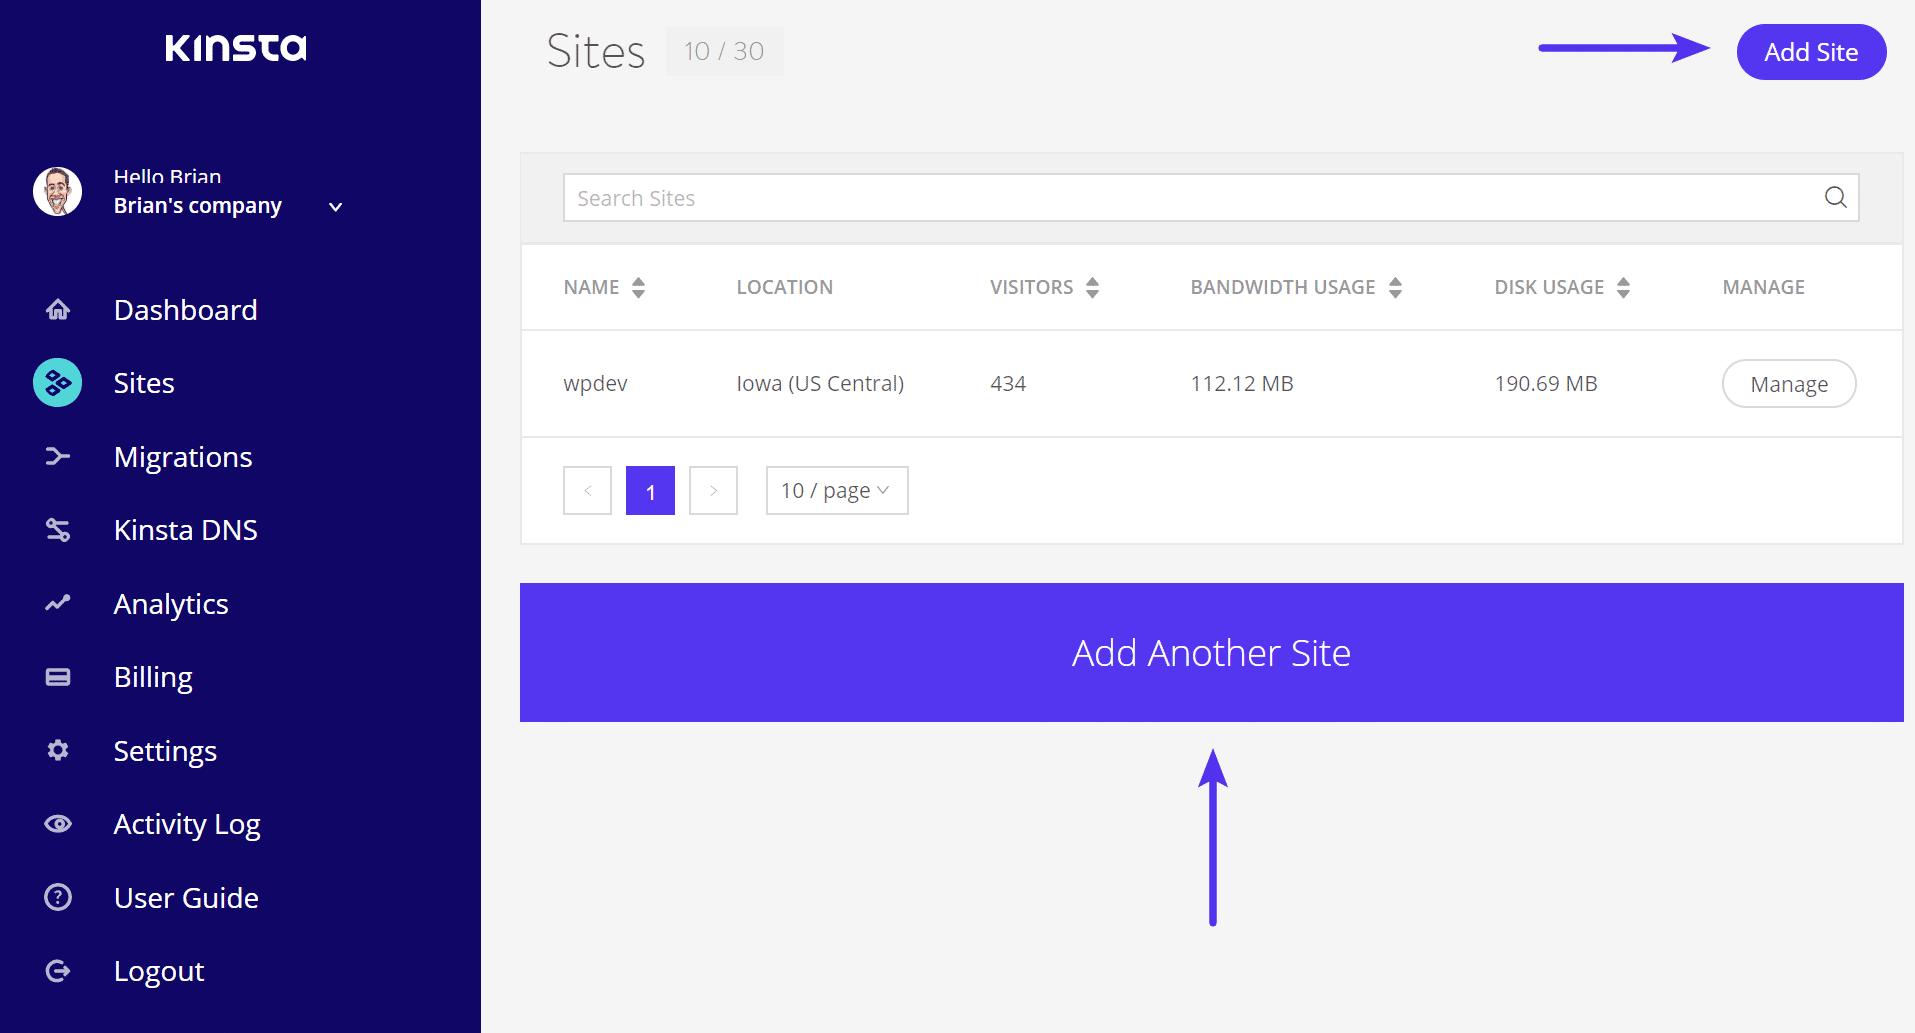 Neue WordPress-Seite bei Kinsta hinzufügen